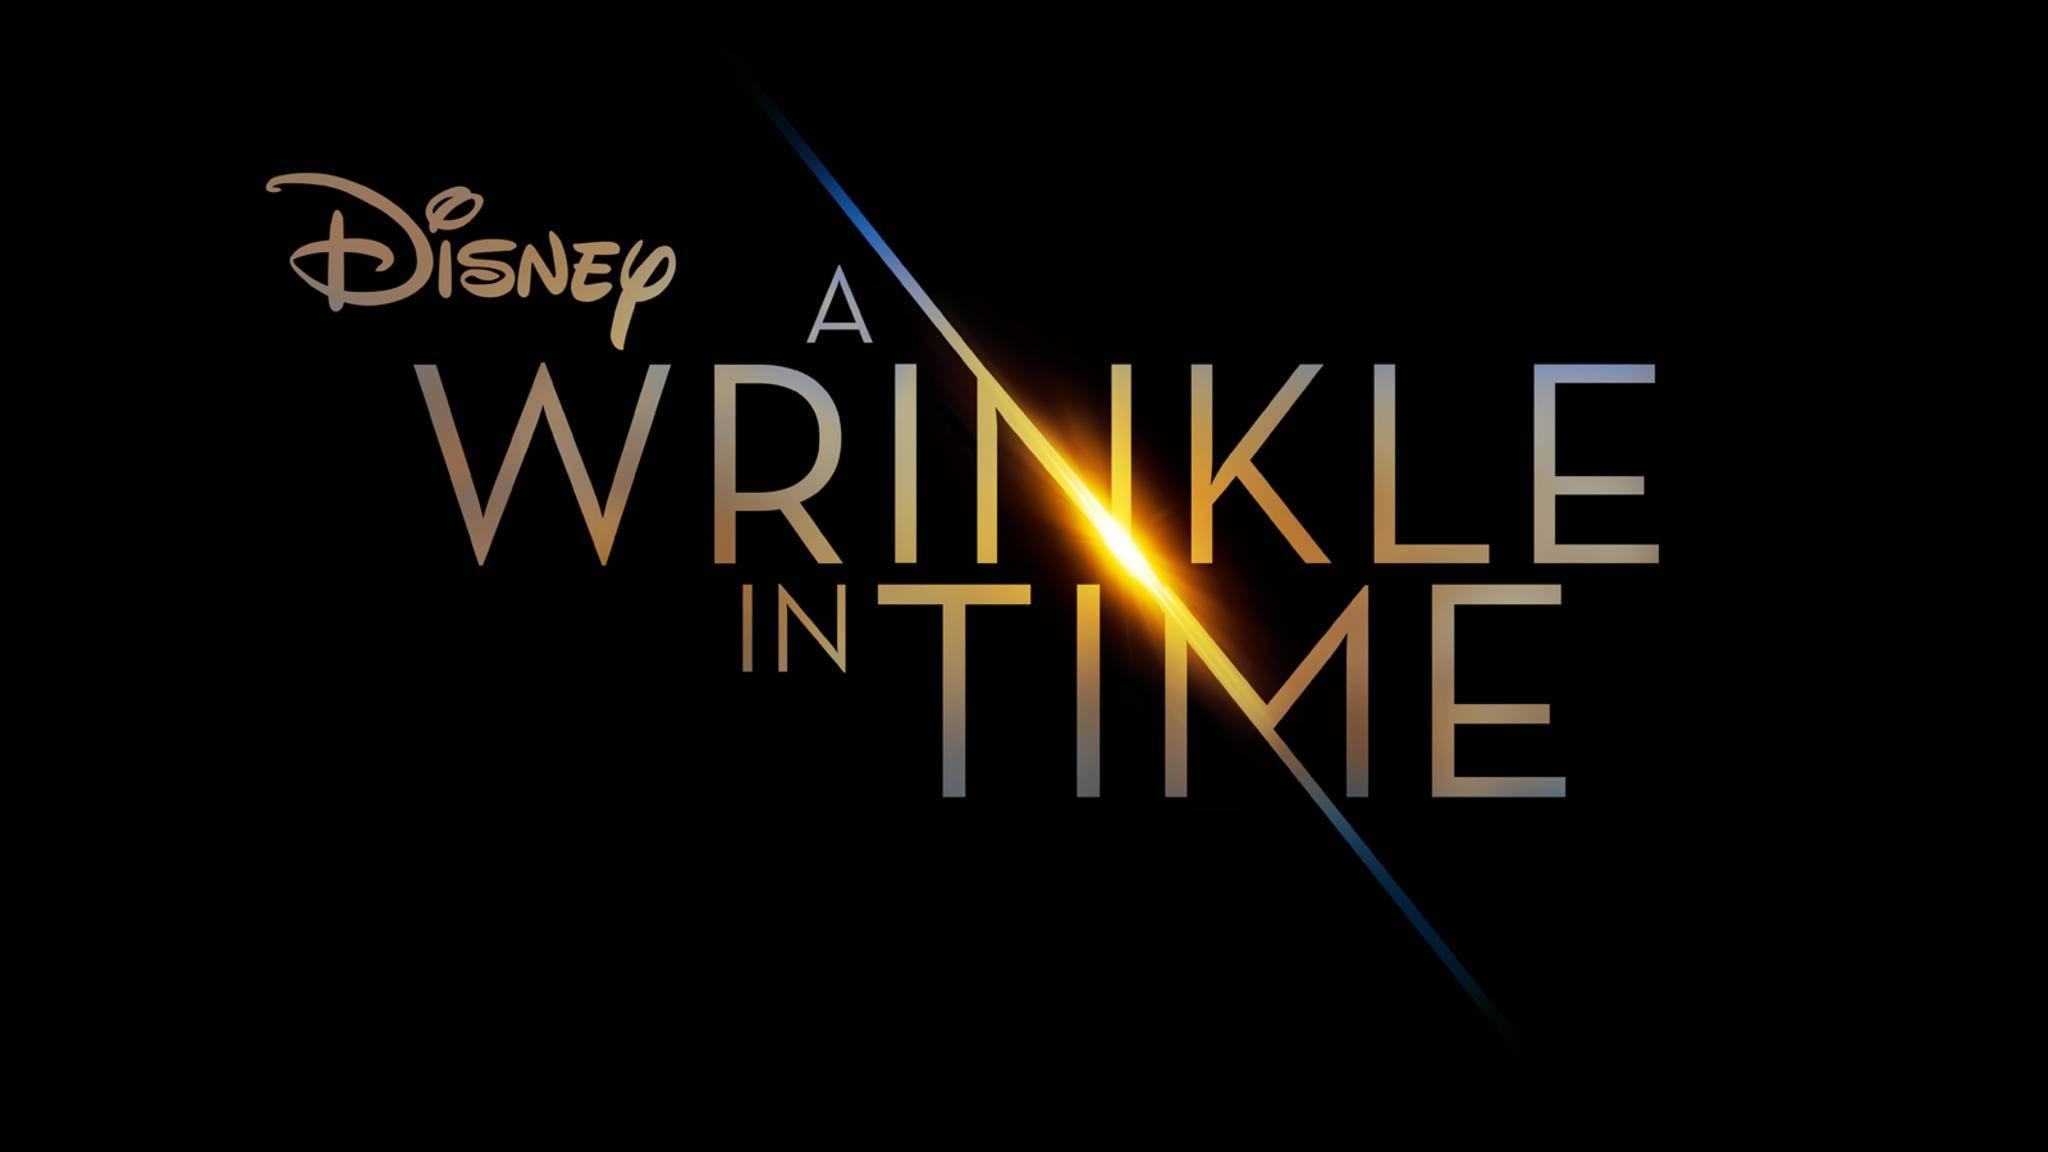 """Ab April 2018 verzaubert Disney mit """"A Wrinkle in Time"""" wieder die Kinozuschauer."""